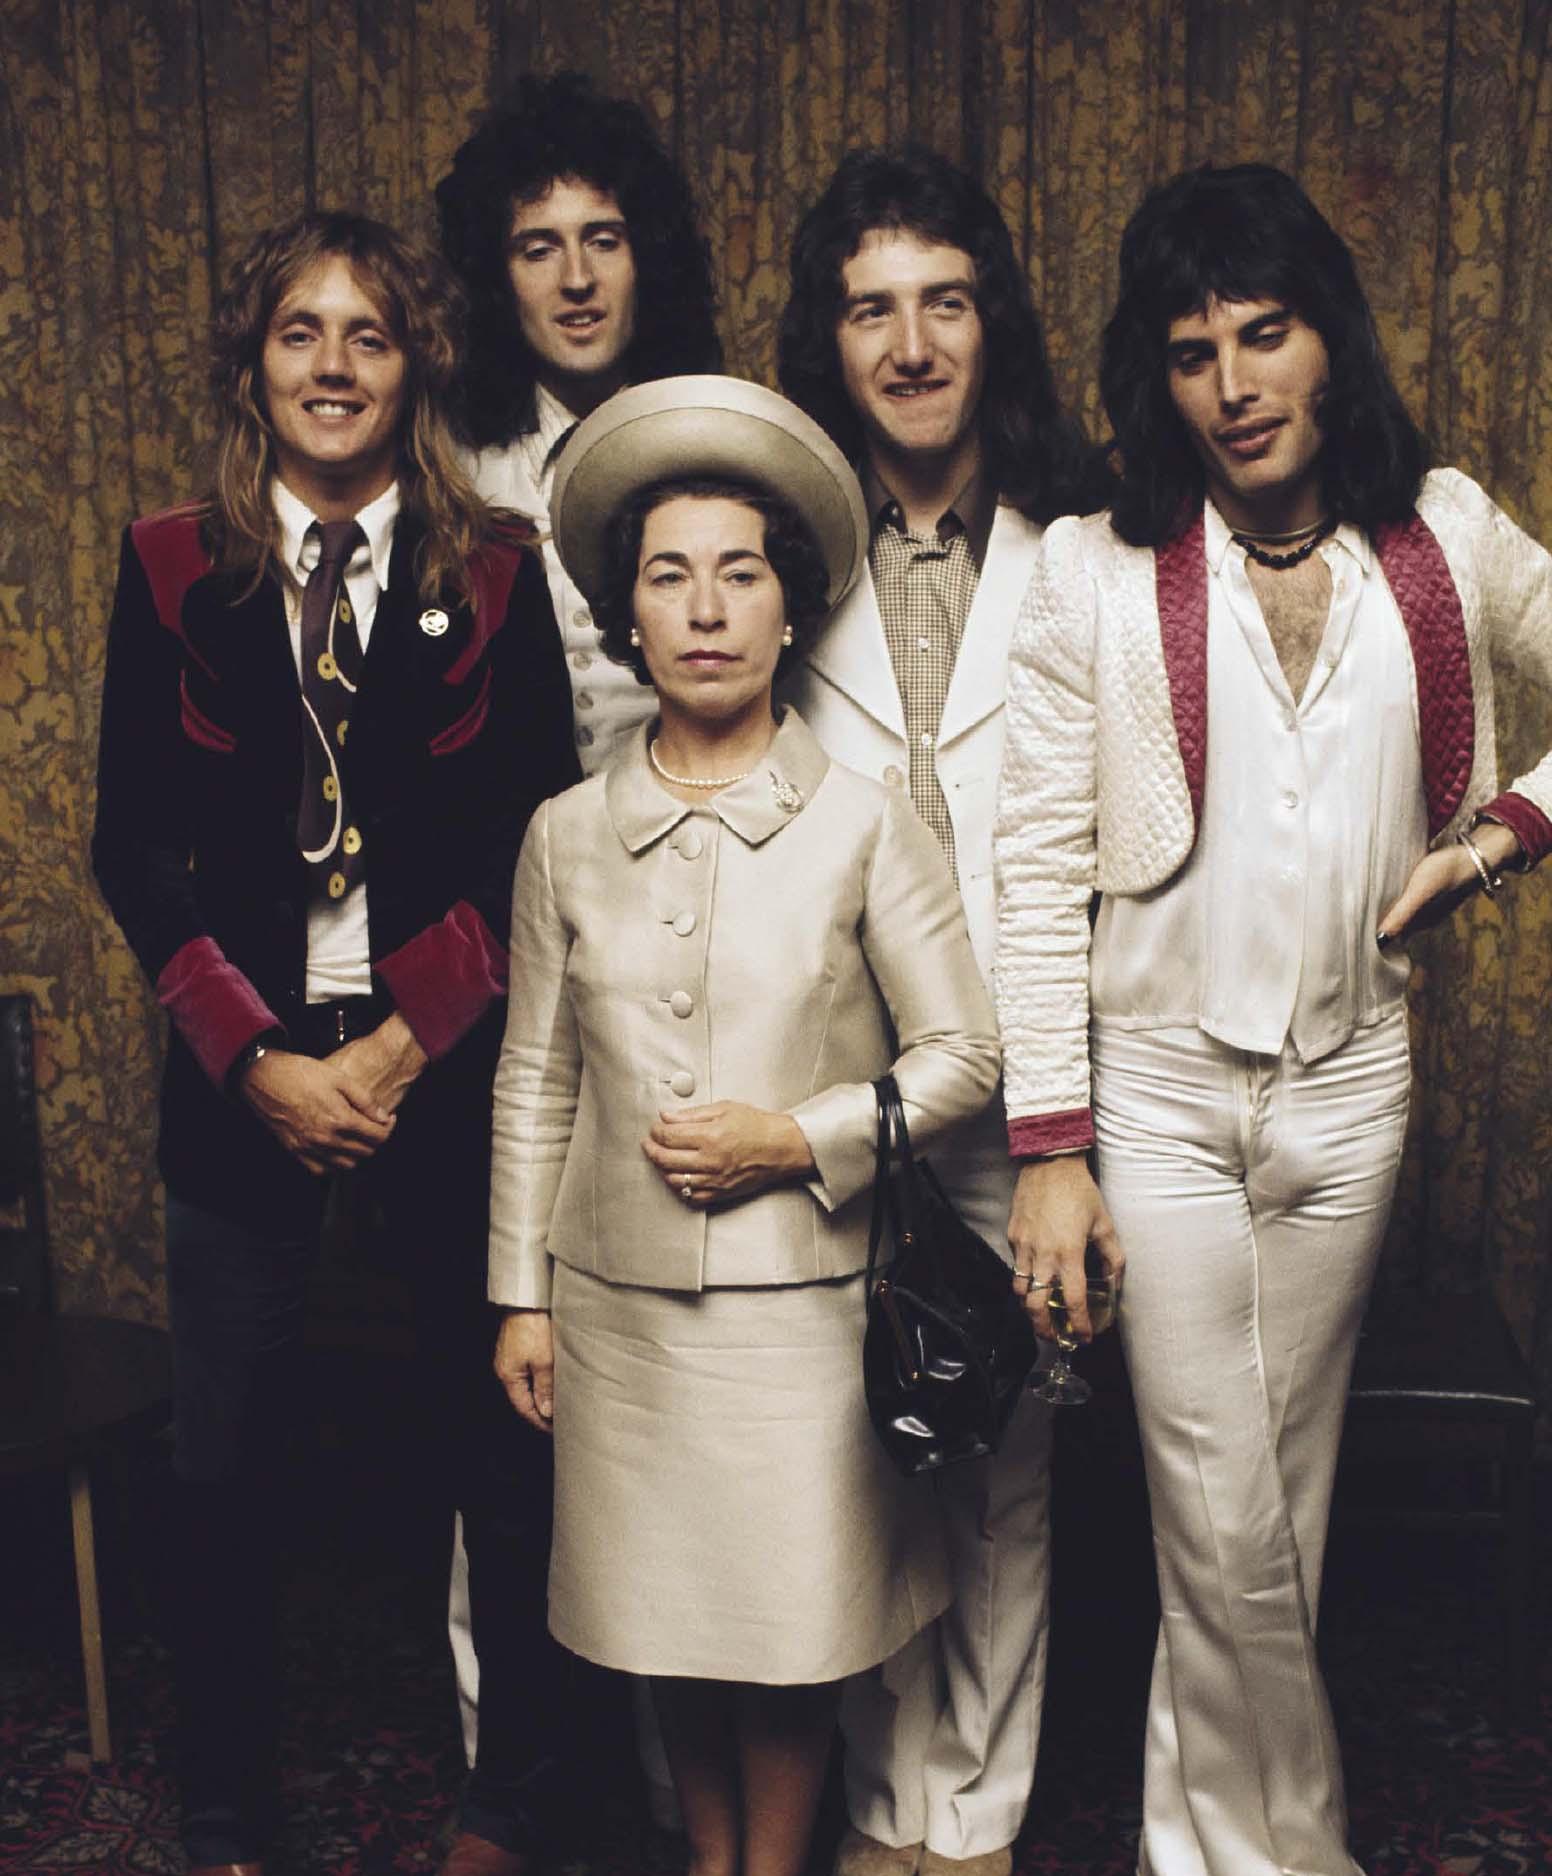 Le groupe pose avec un sosie de la Reine Elisabeth II en septembre 1974. Michael Putland/Getty Images.